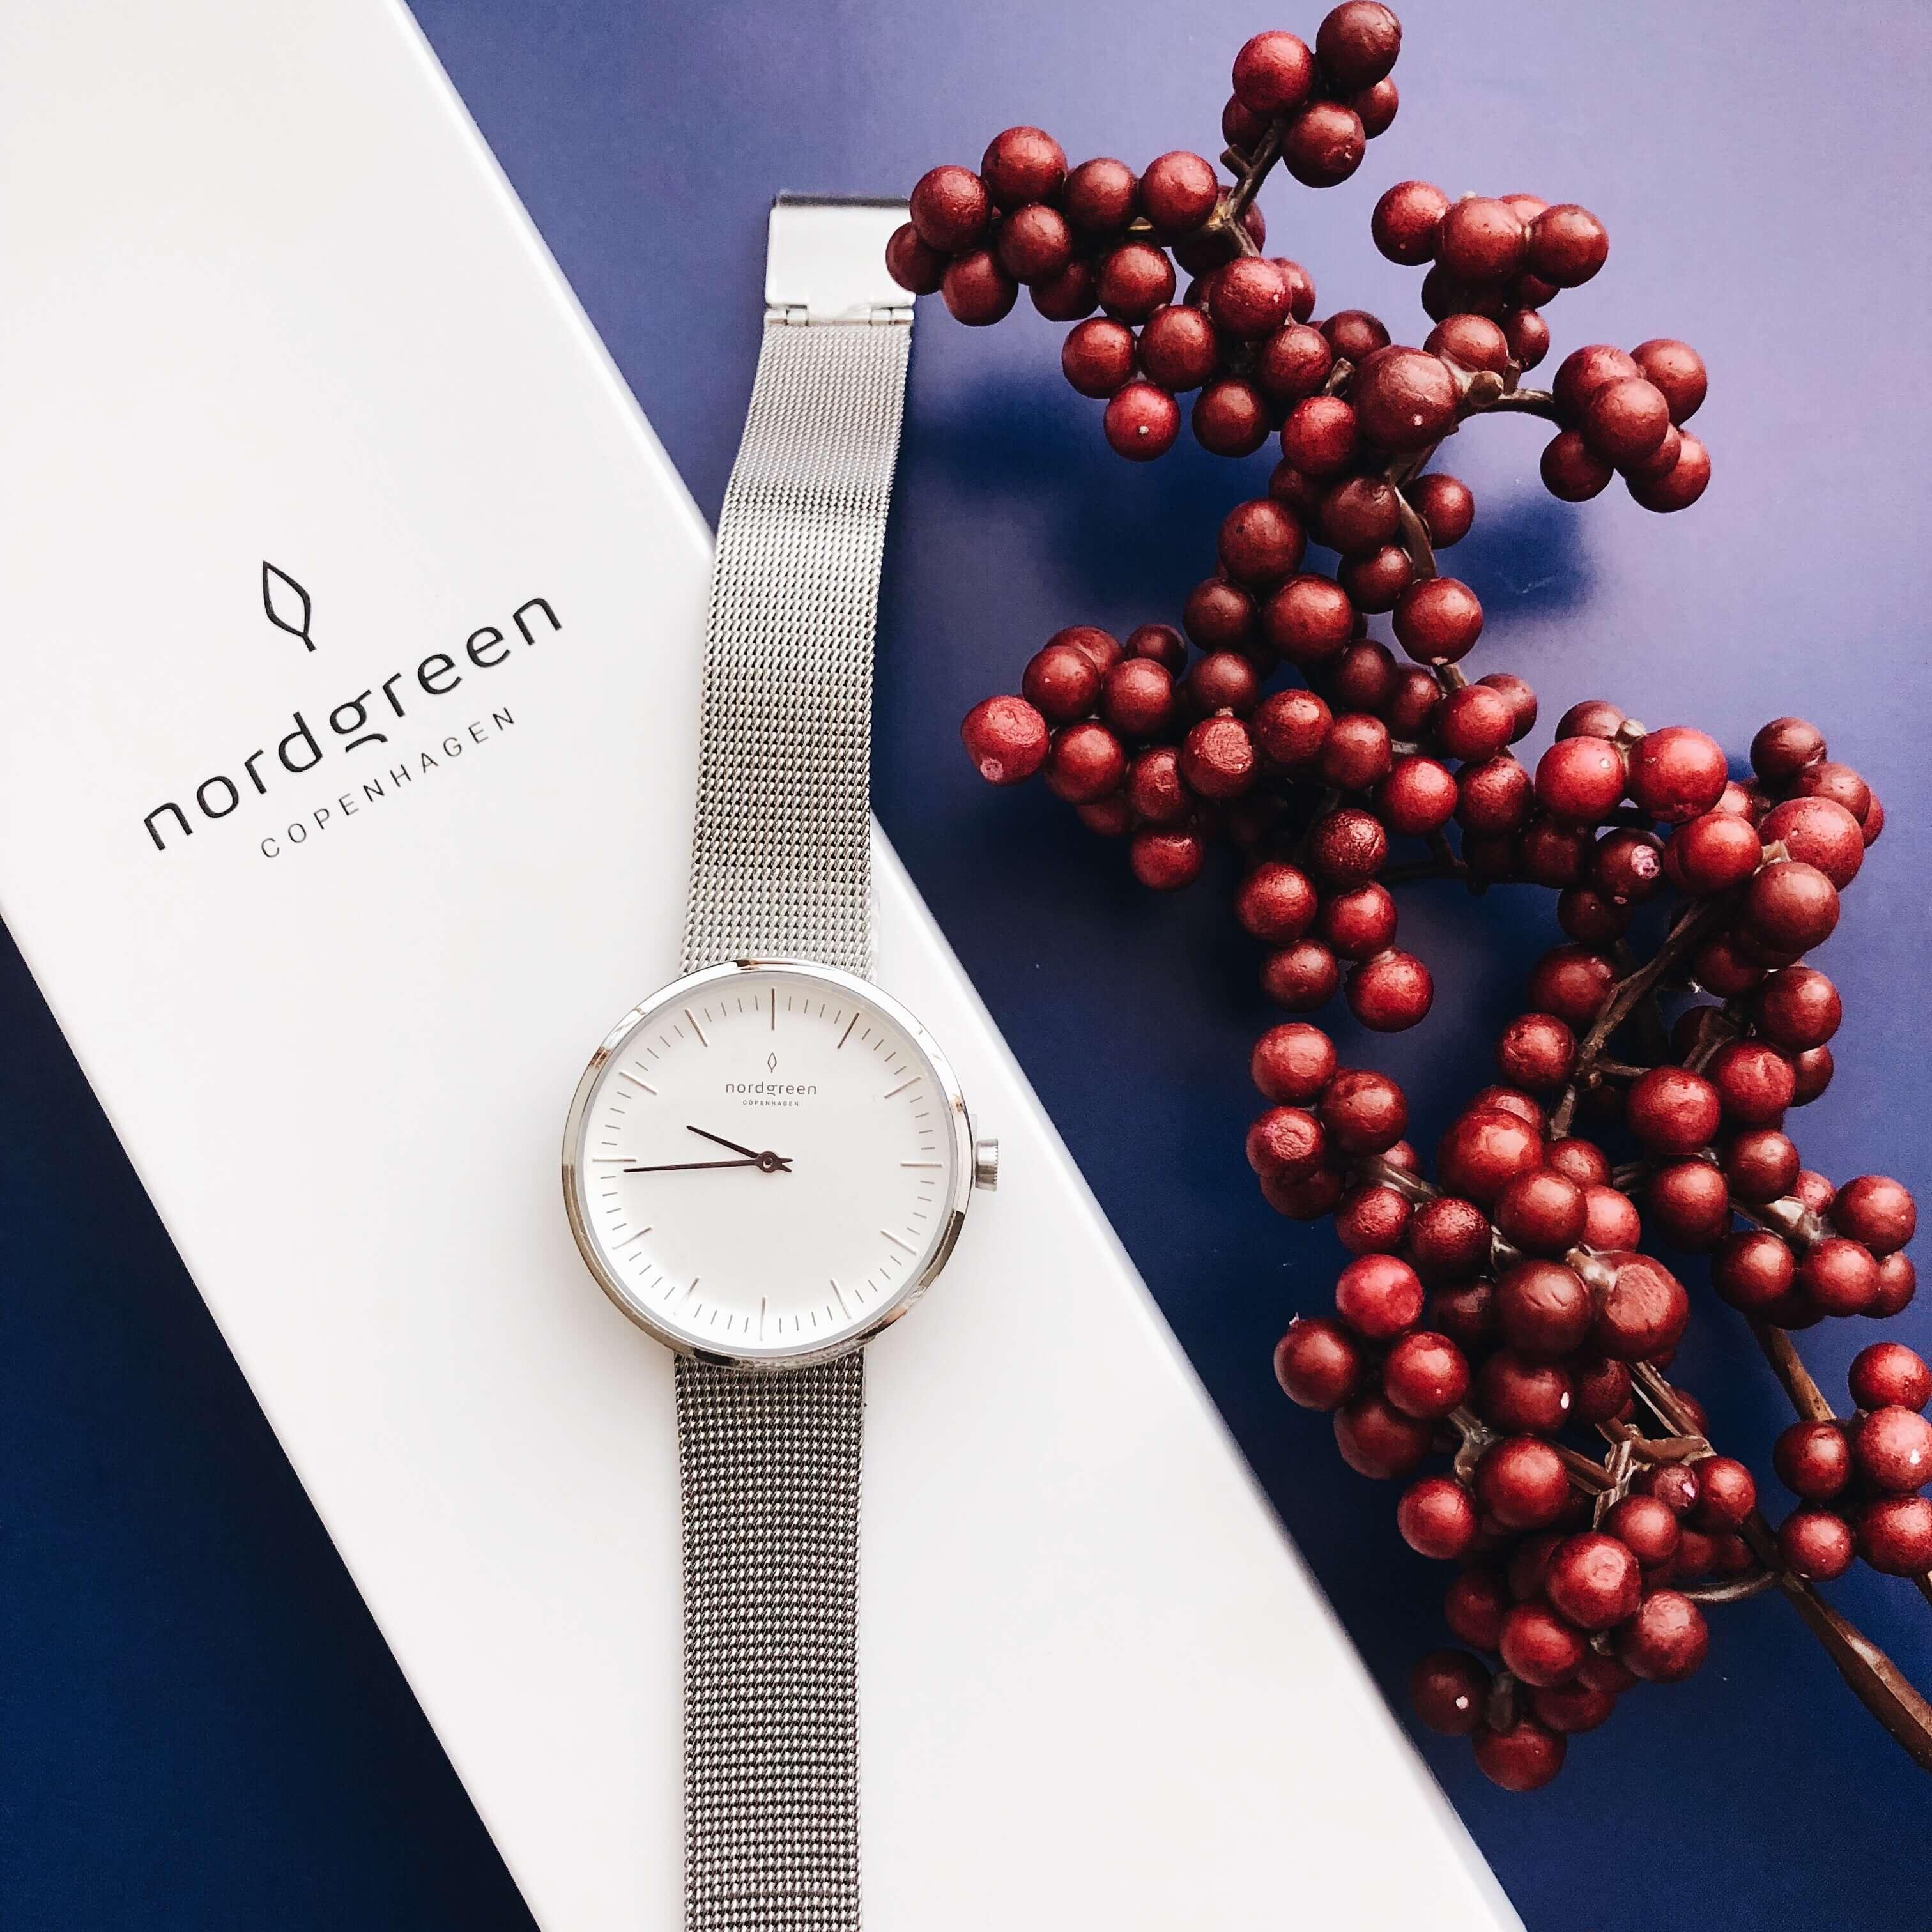 北欧デンマーク生まれのシンプルで美しい腕時計 Nordgreen(PR)